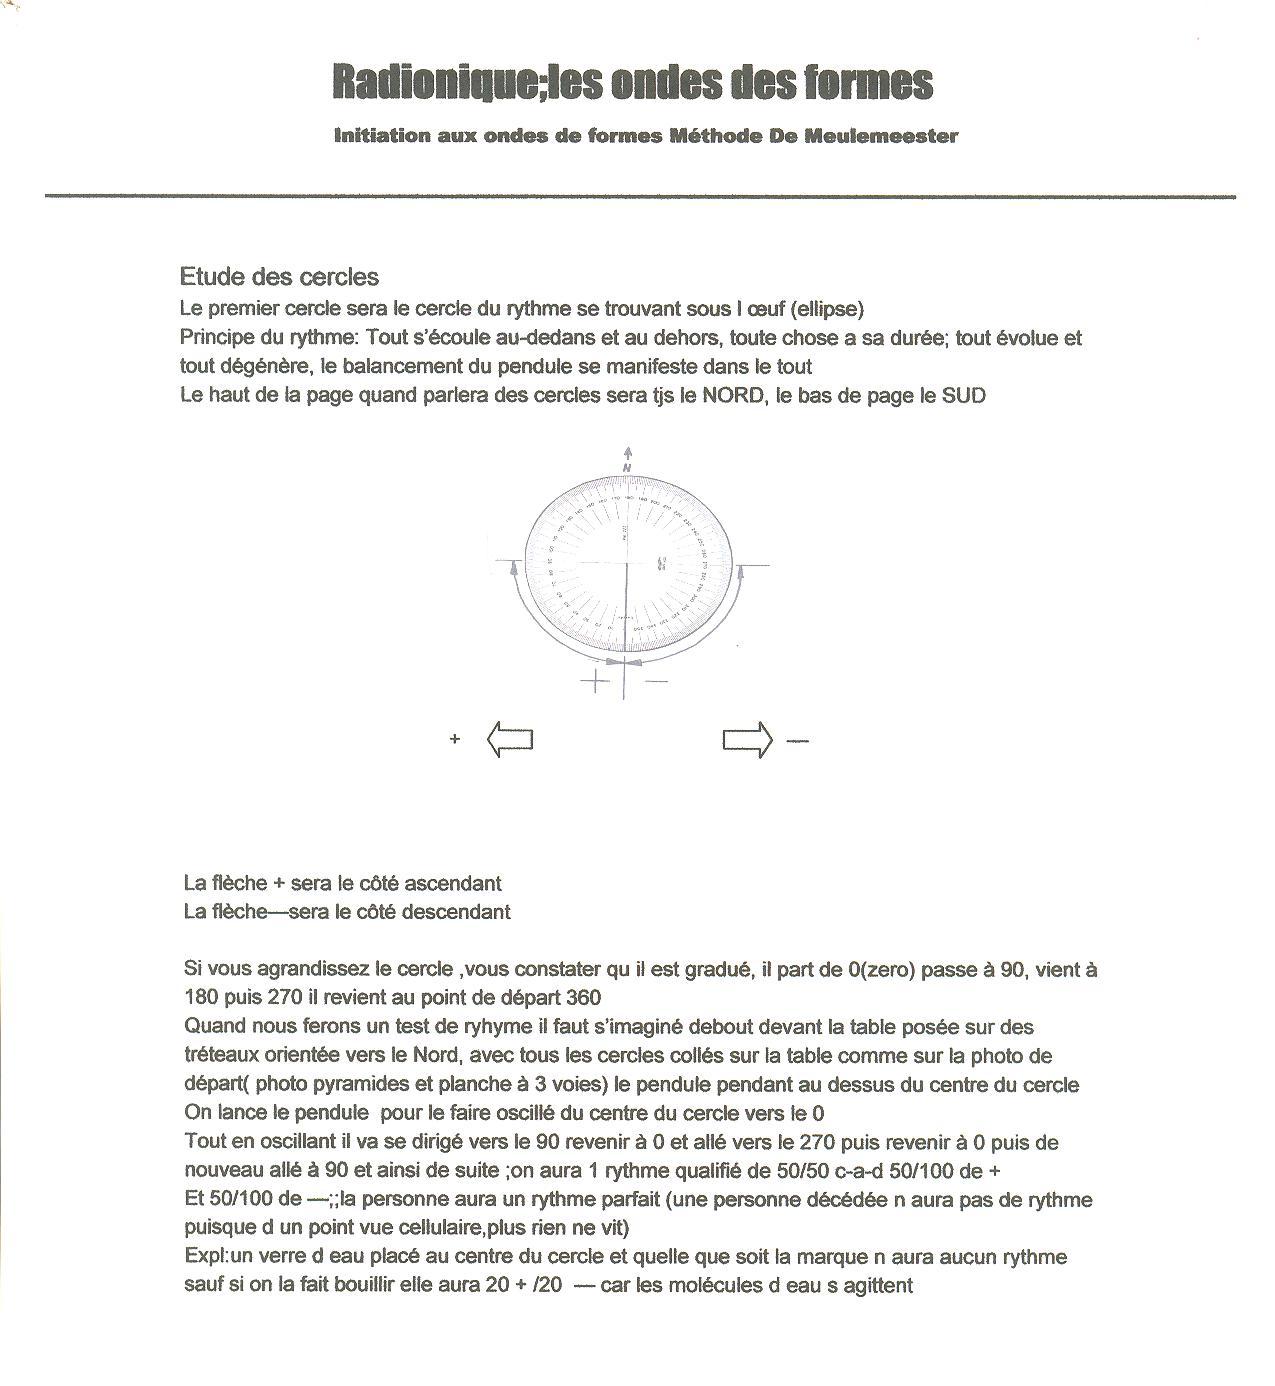 Etude des cercles: Le rythme